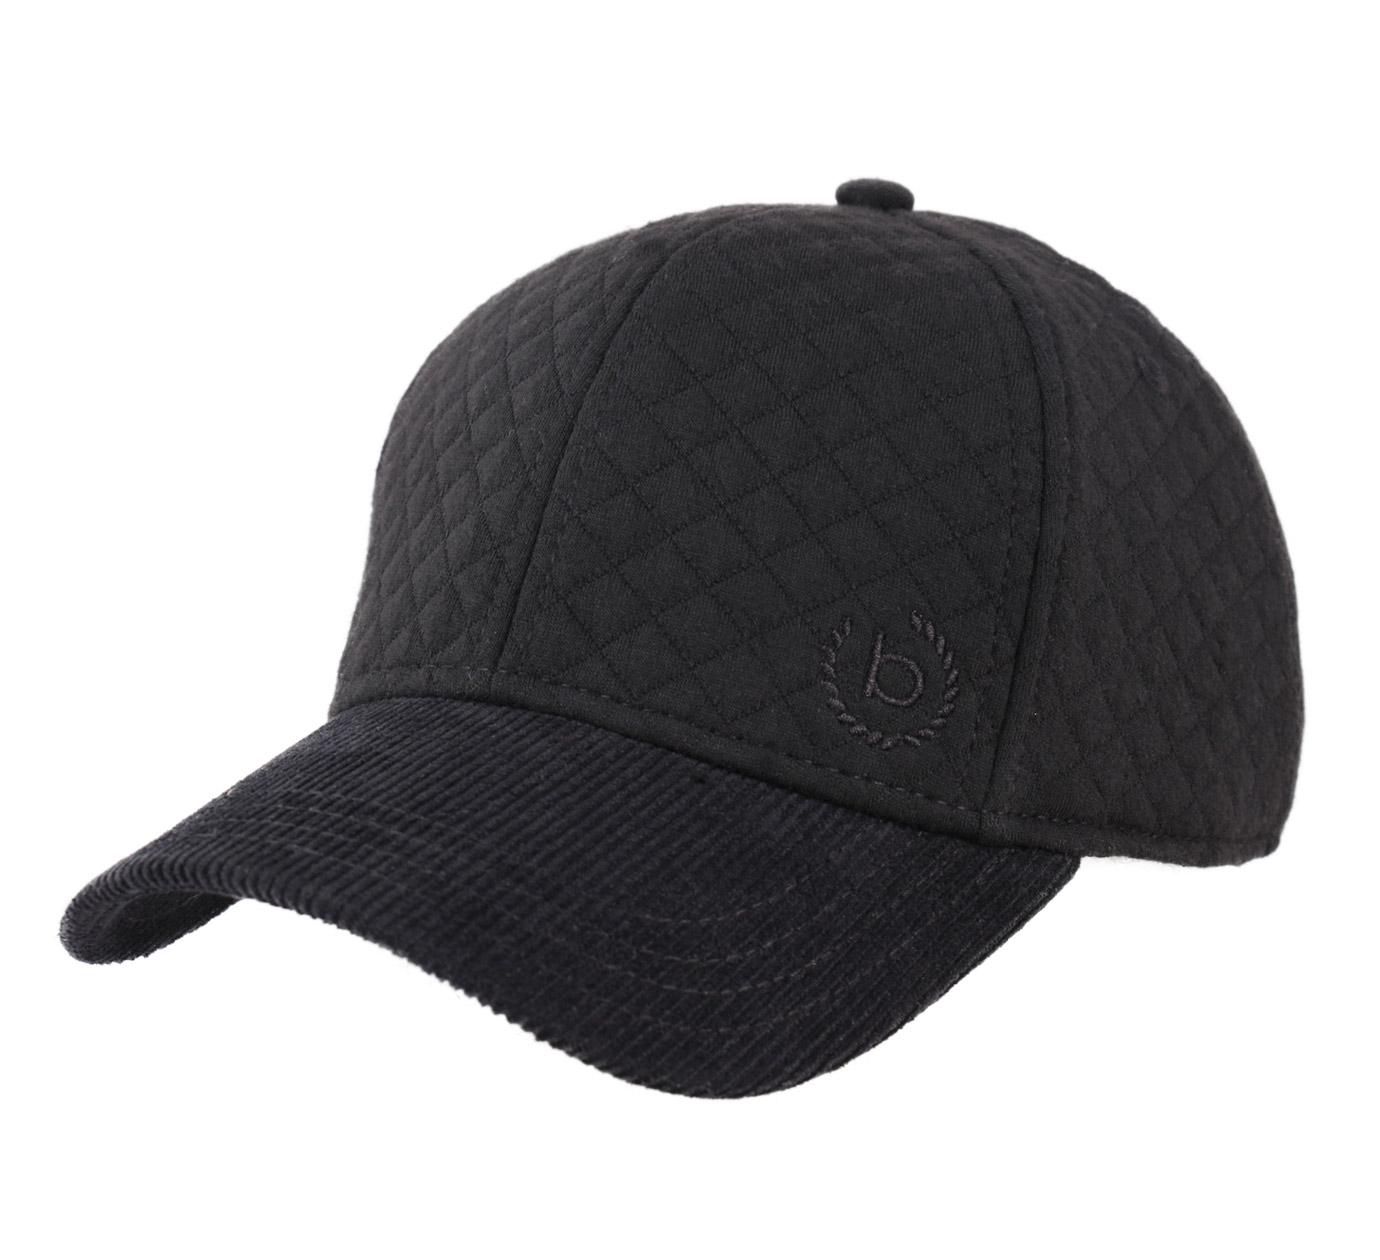 8992c6f23a1 Giovani - Caps Bugatti Hats